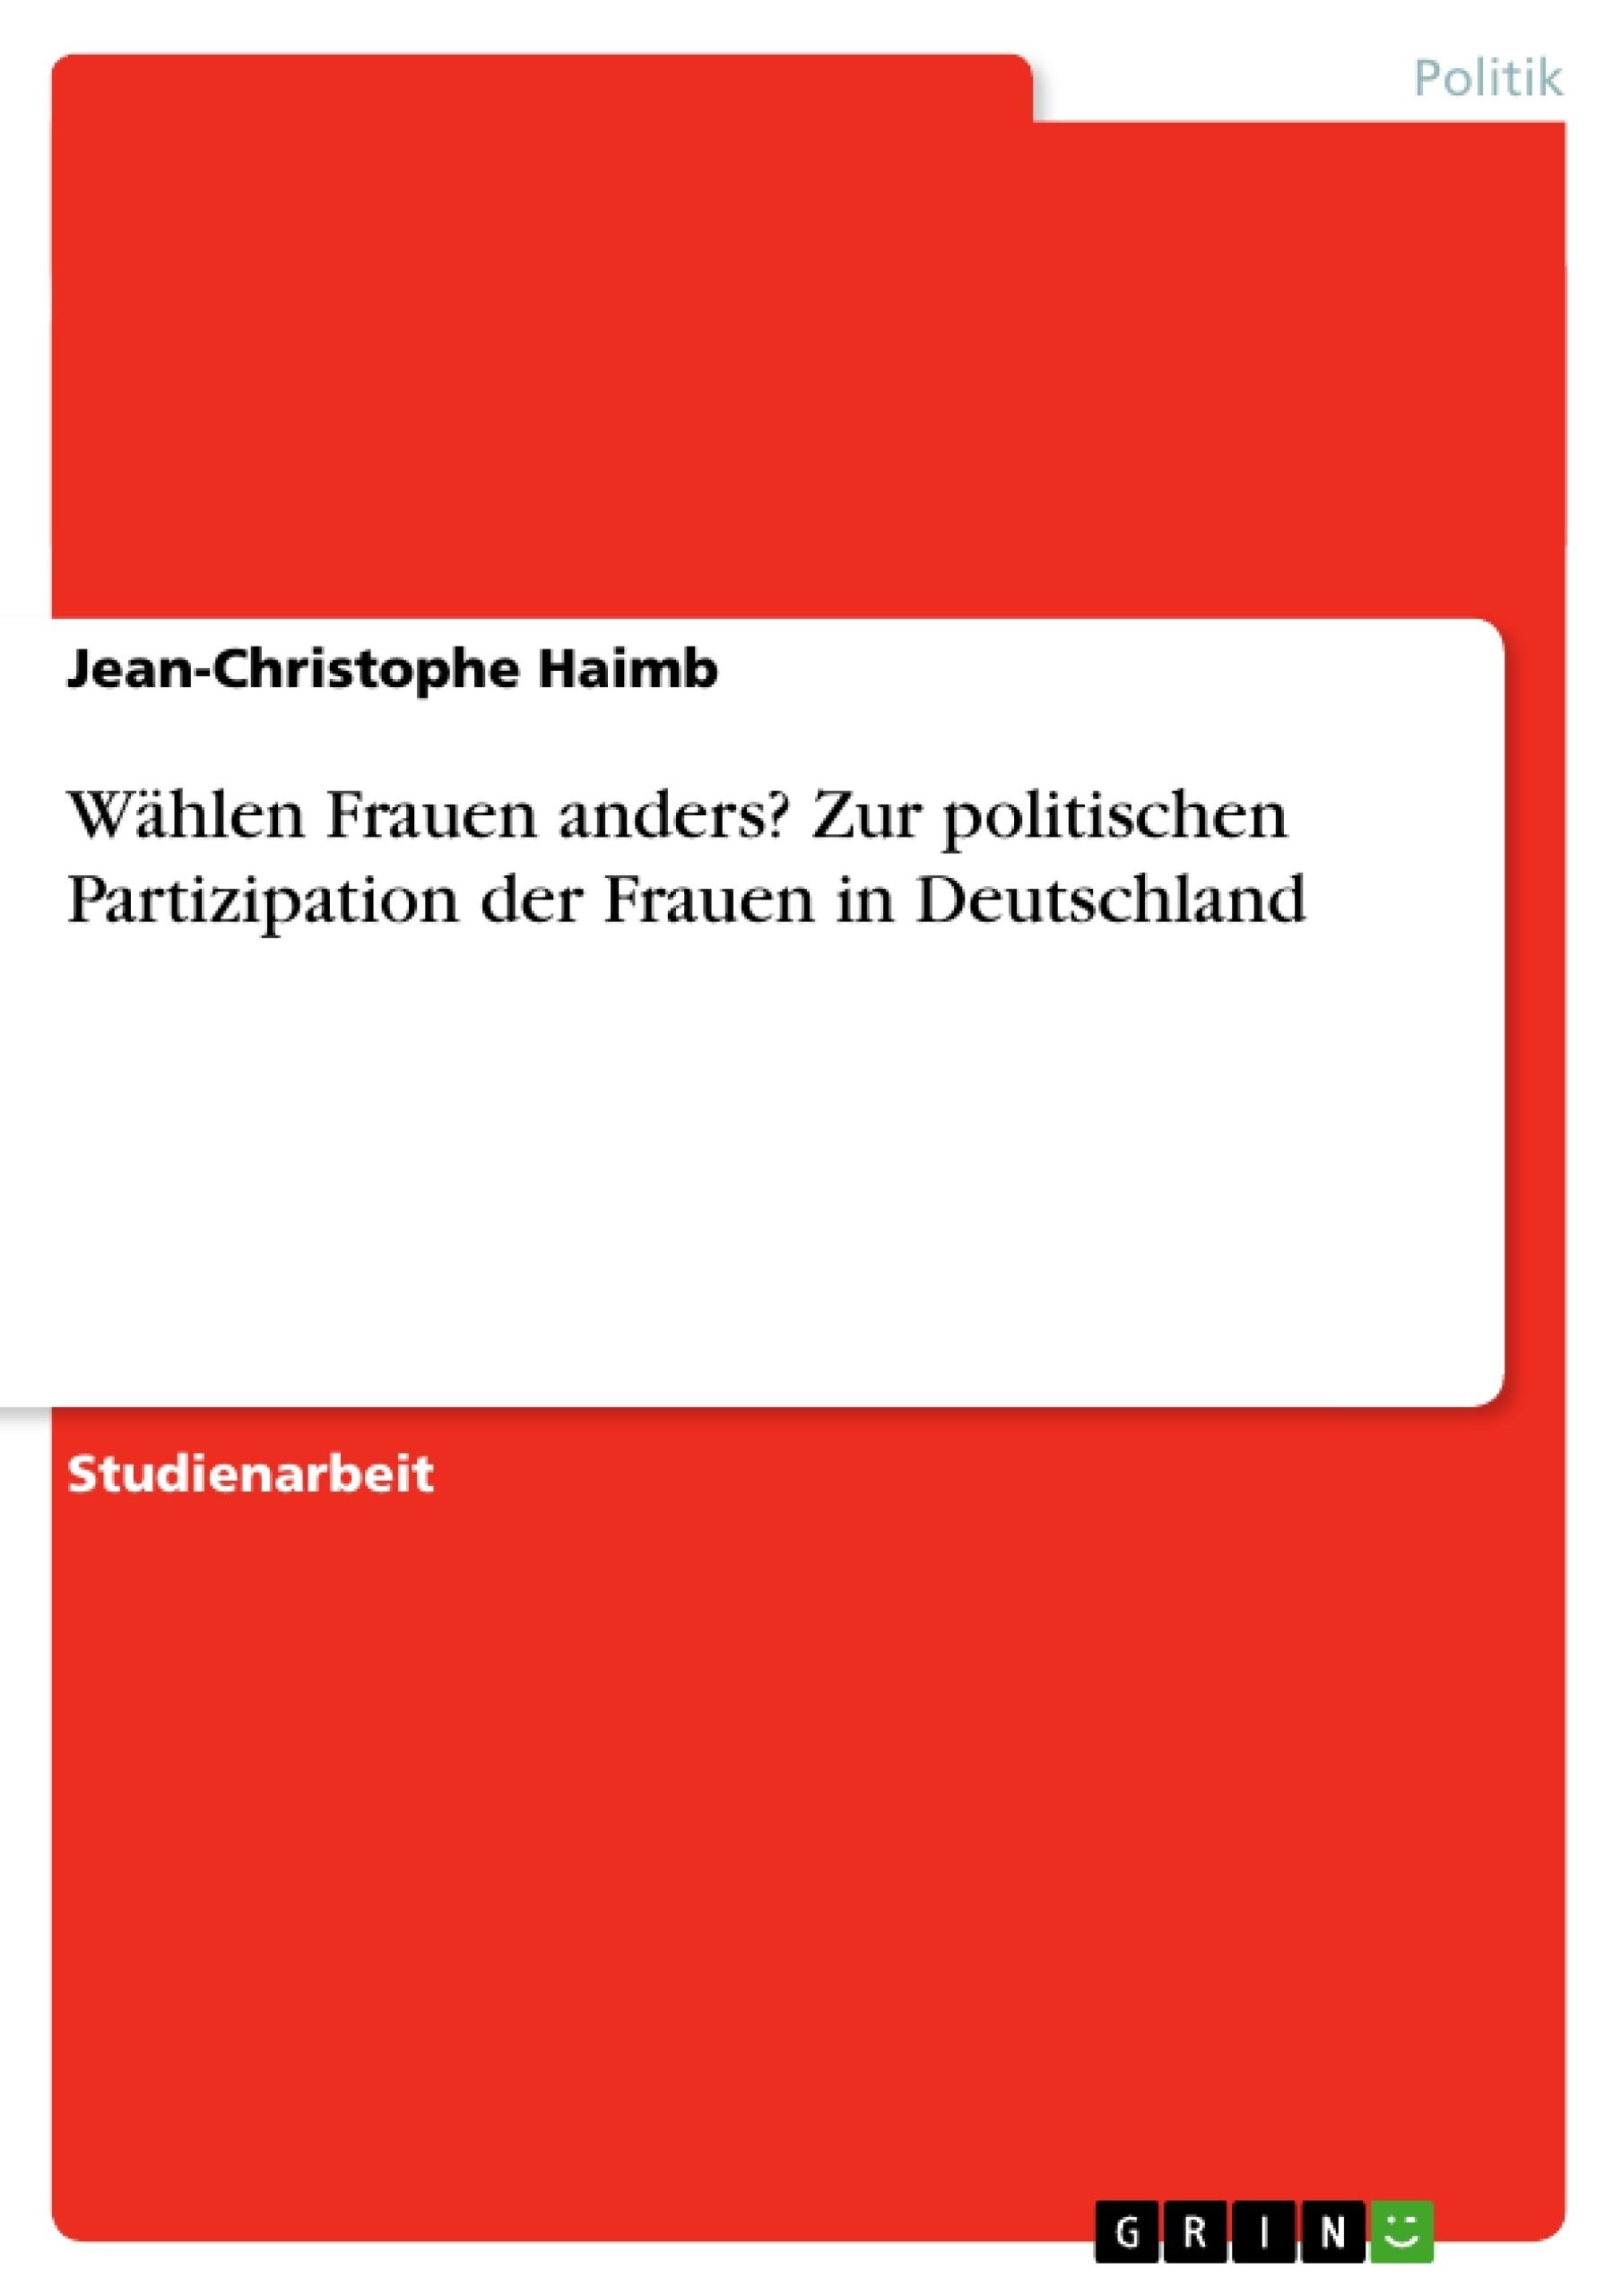 Titel: Wählen Frauen anders? Zur politischen Partizipation der Frauen in Deutschland